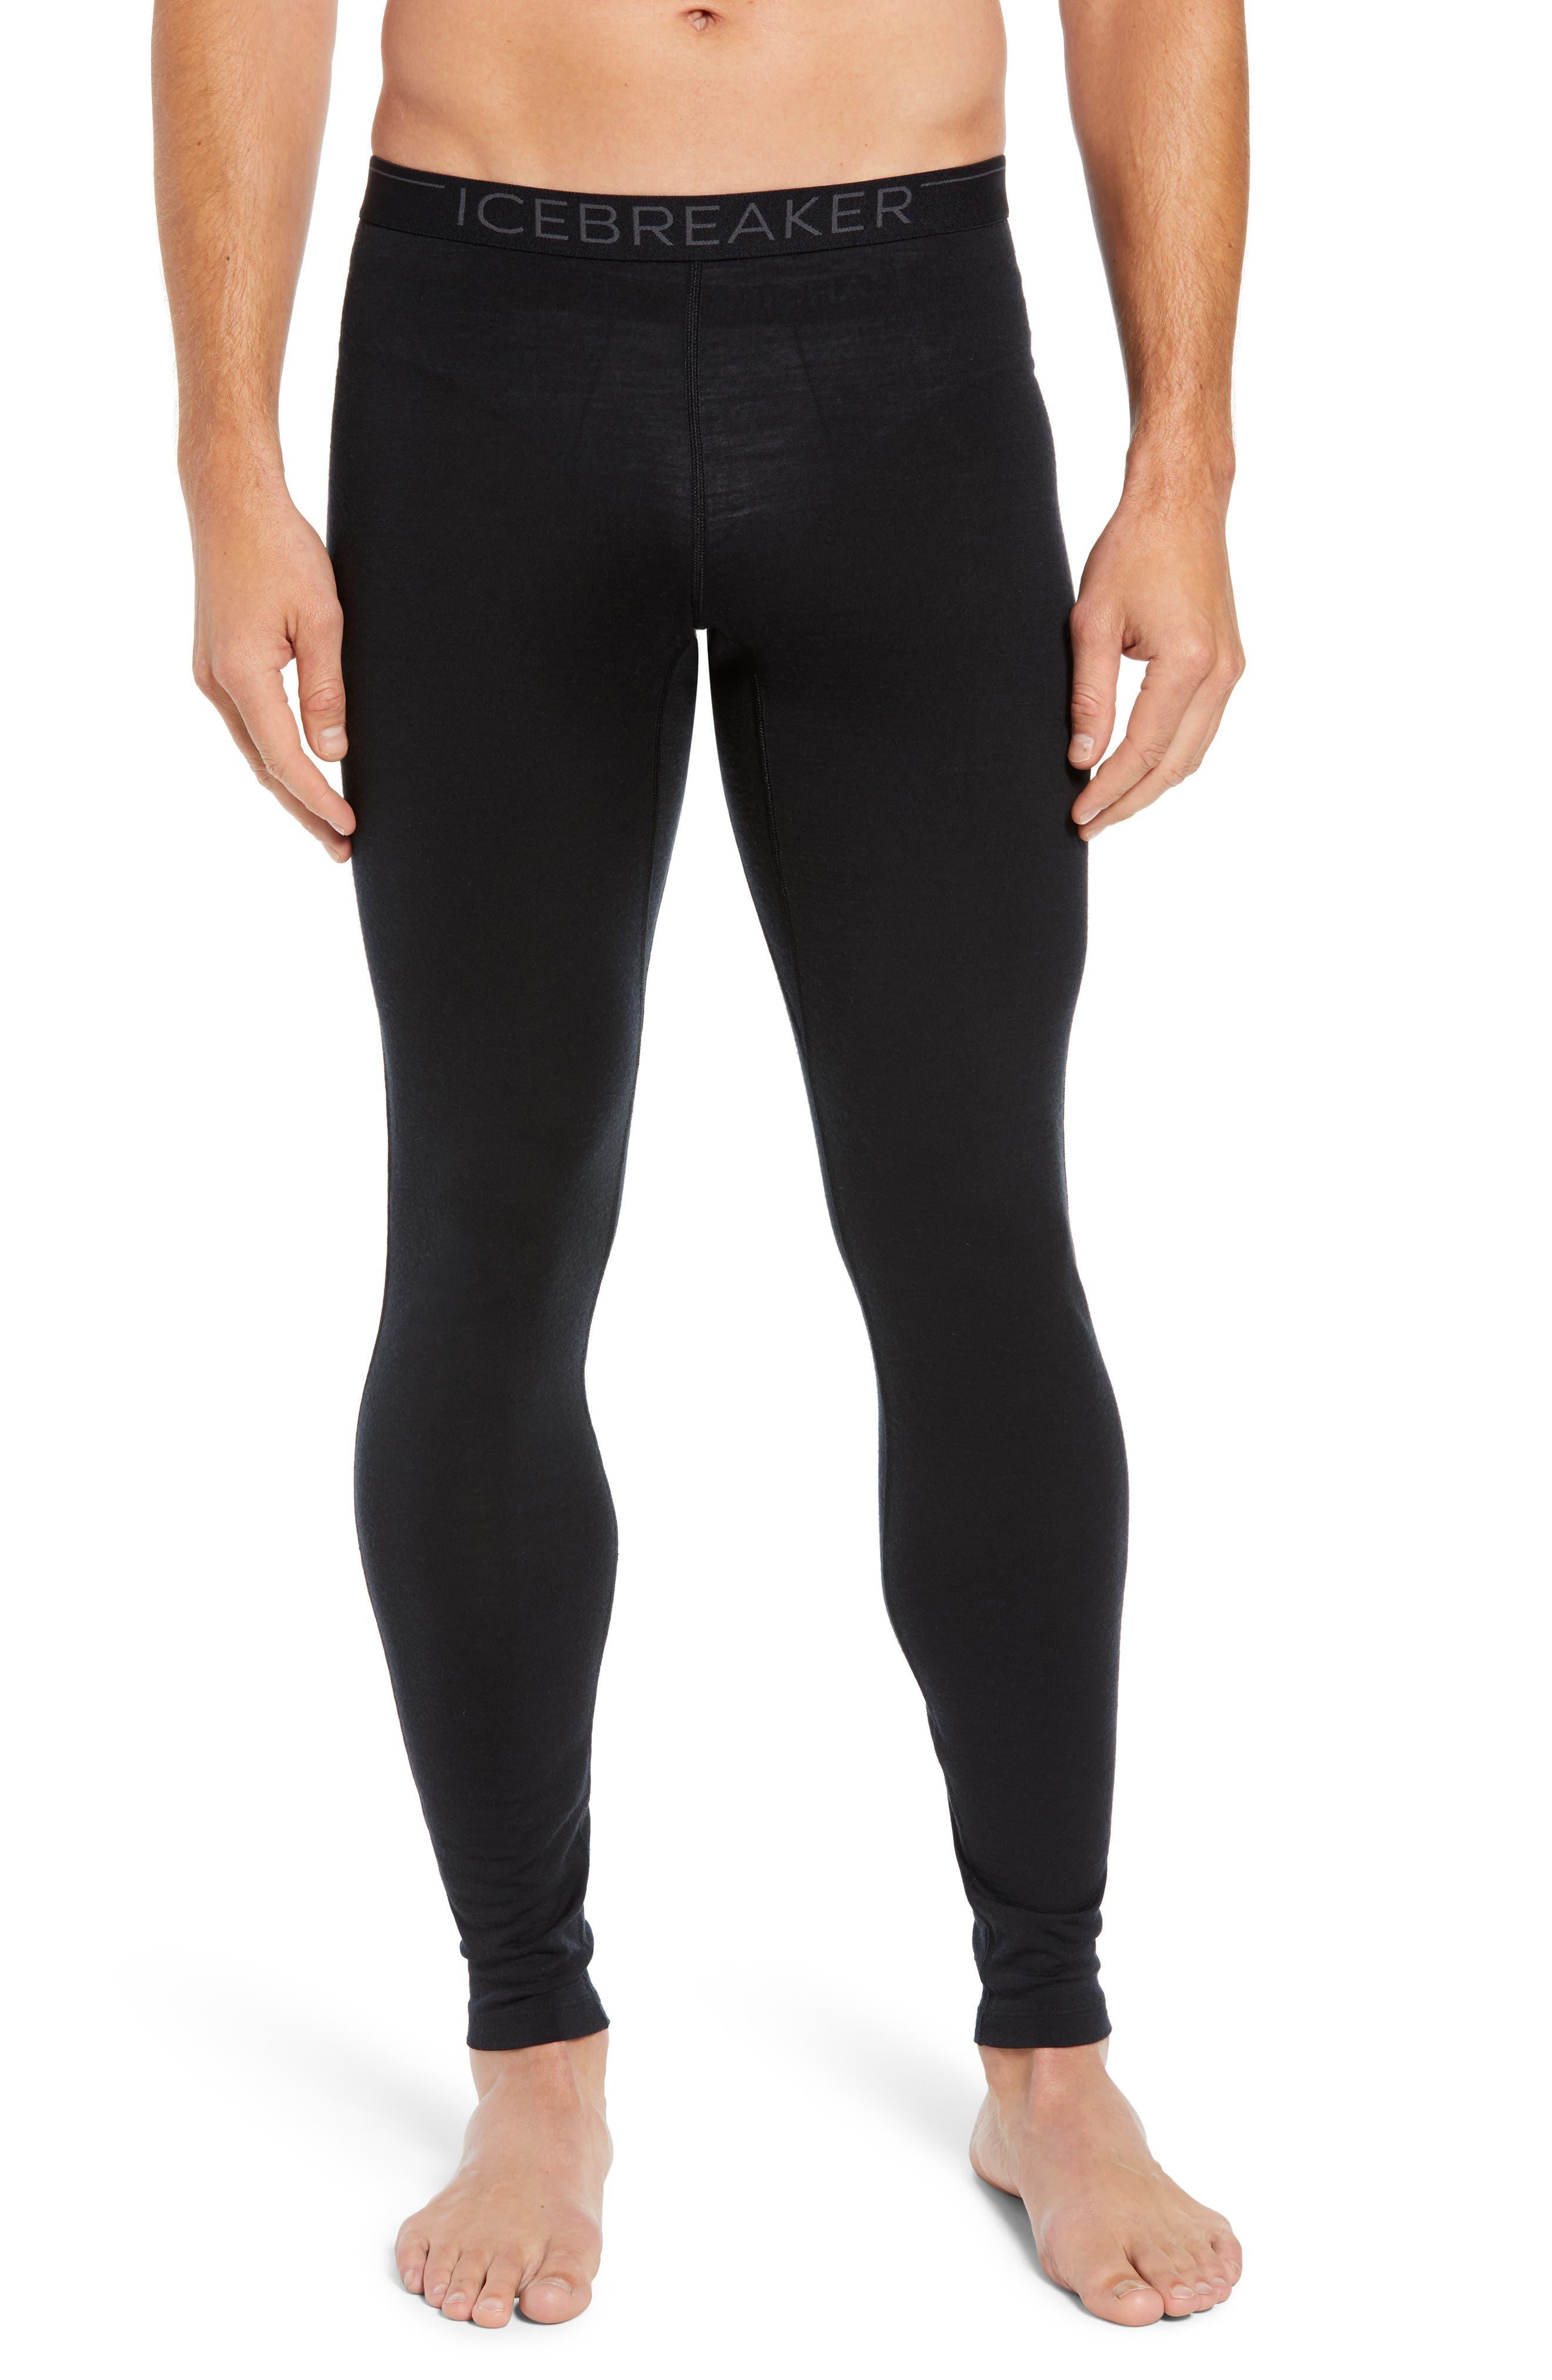 Icebreaker Oasis Slim Merino Wool Jersey Base Layer Leggings, Black